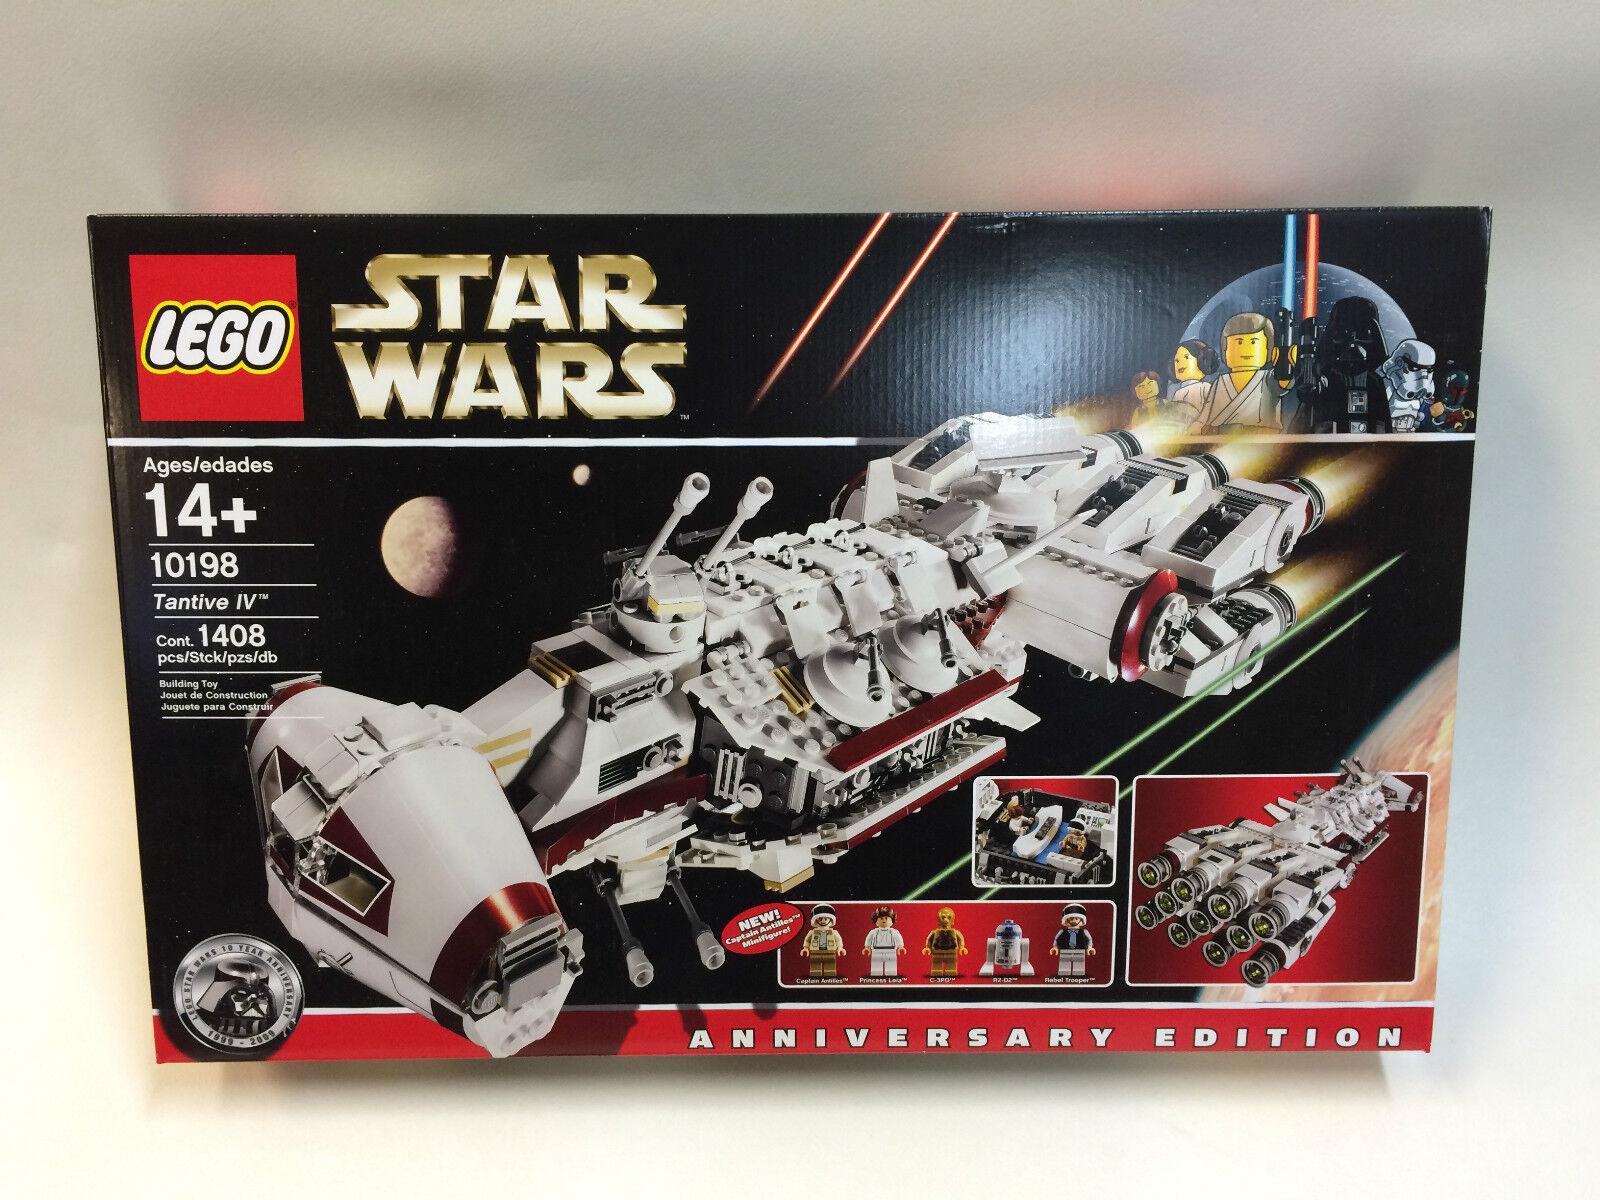 NUOVO SIGILLATO LEGO STAR WARS Tantive IV EDIZIONE ANNIVERSARIO 10198 ora FUORI PRODUZIONE